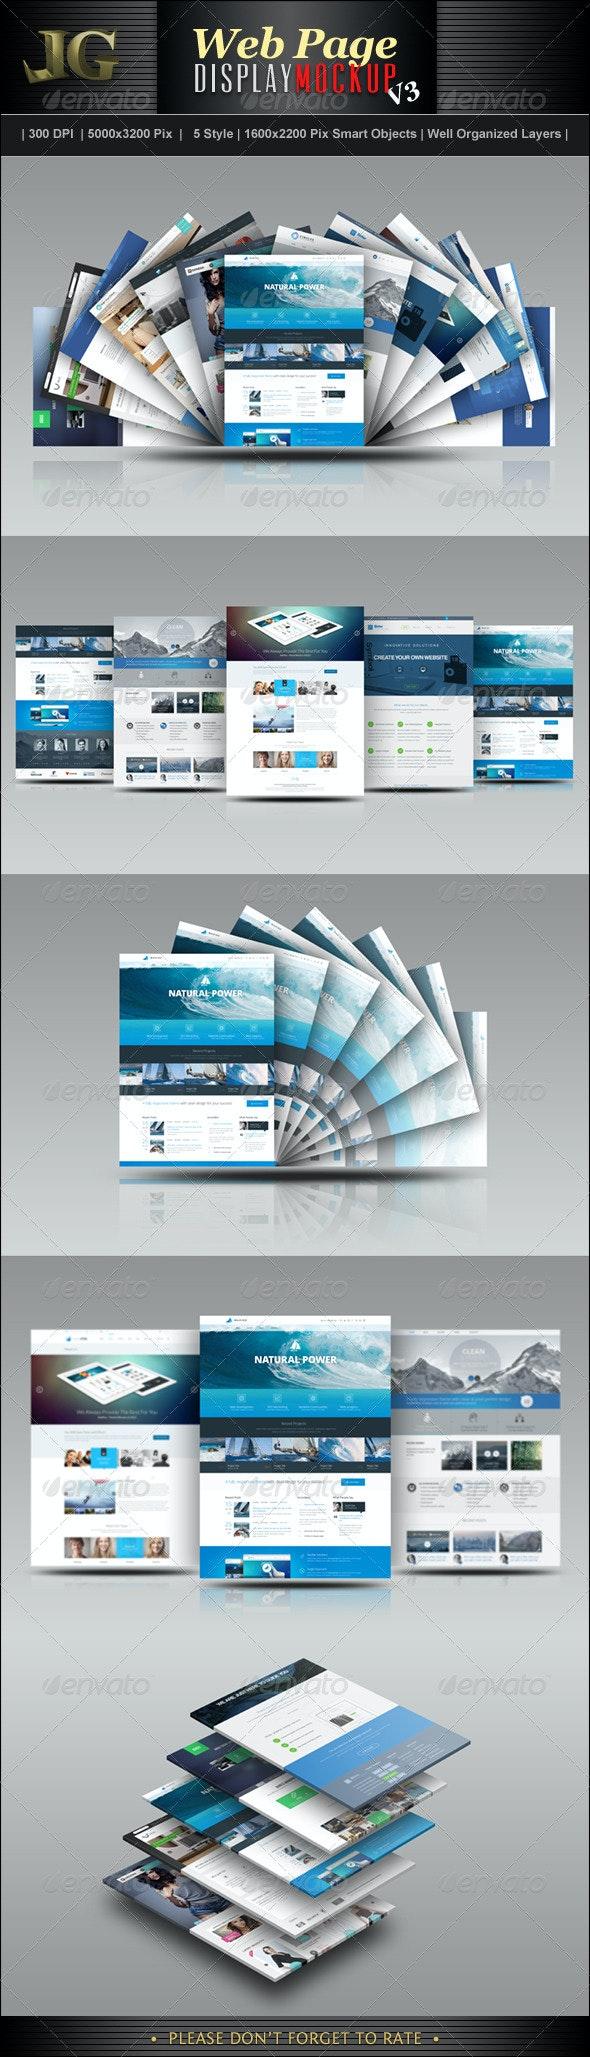 Website Display Mockup V3 - Website Displays